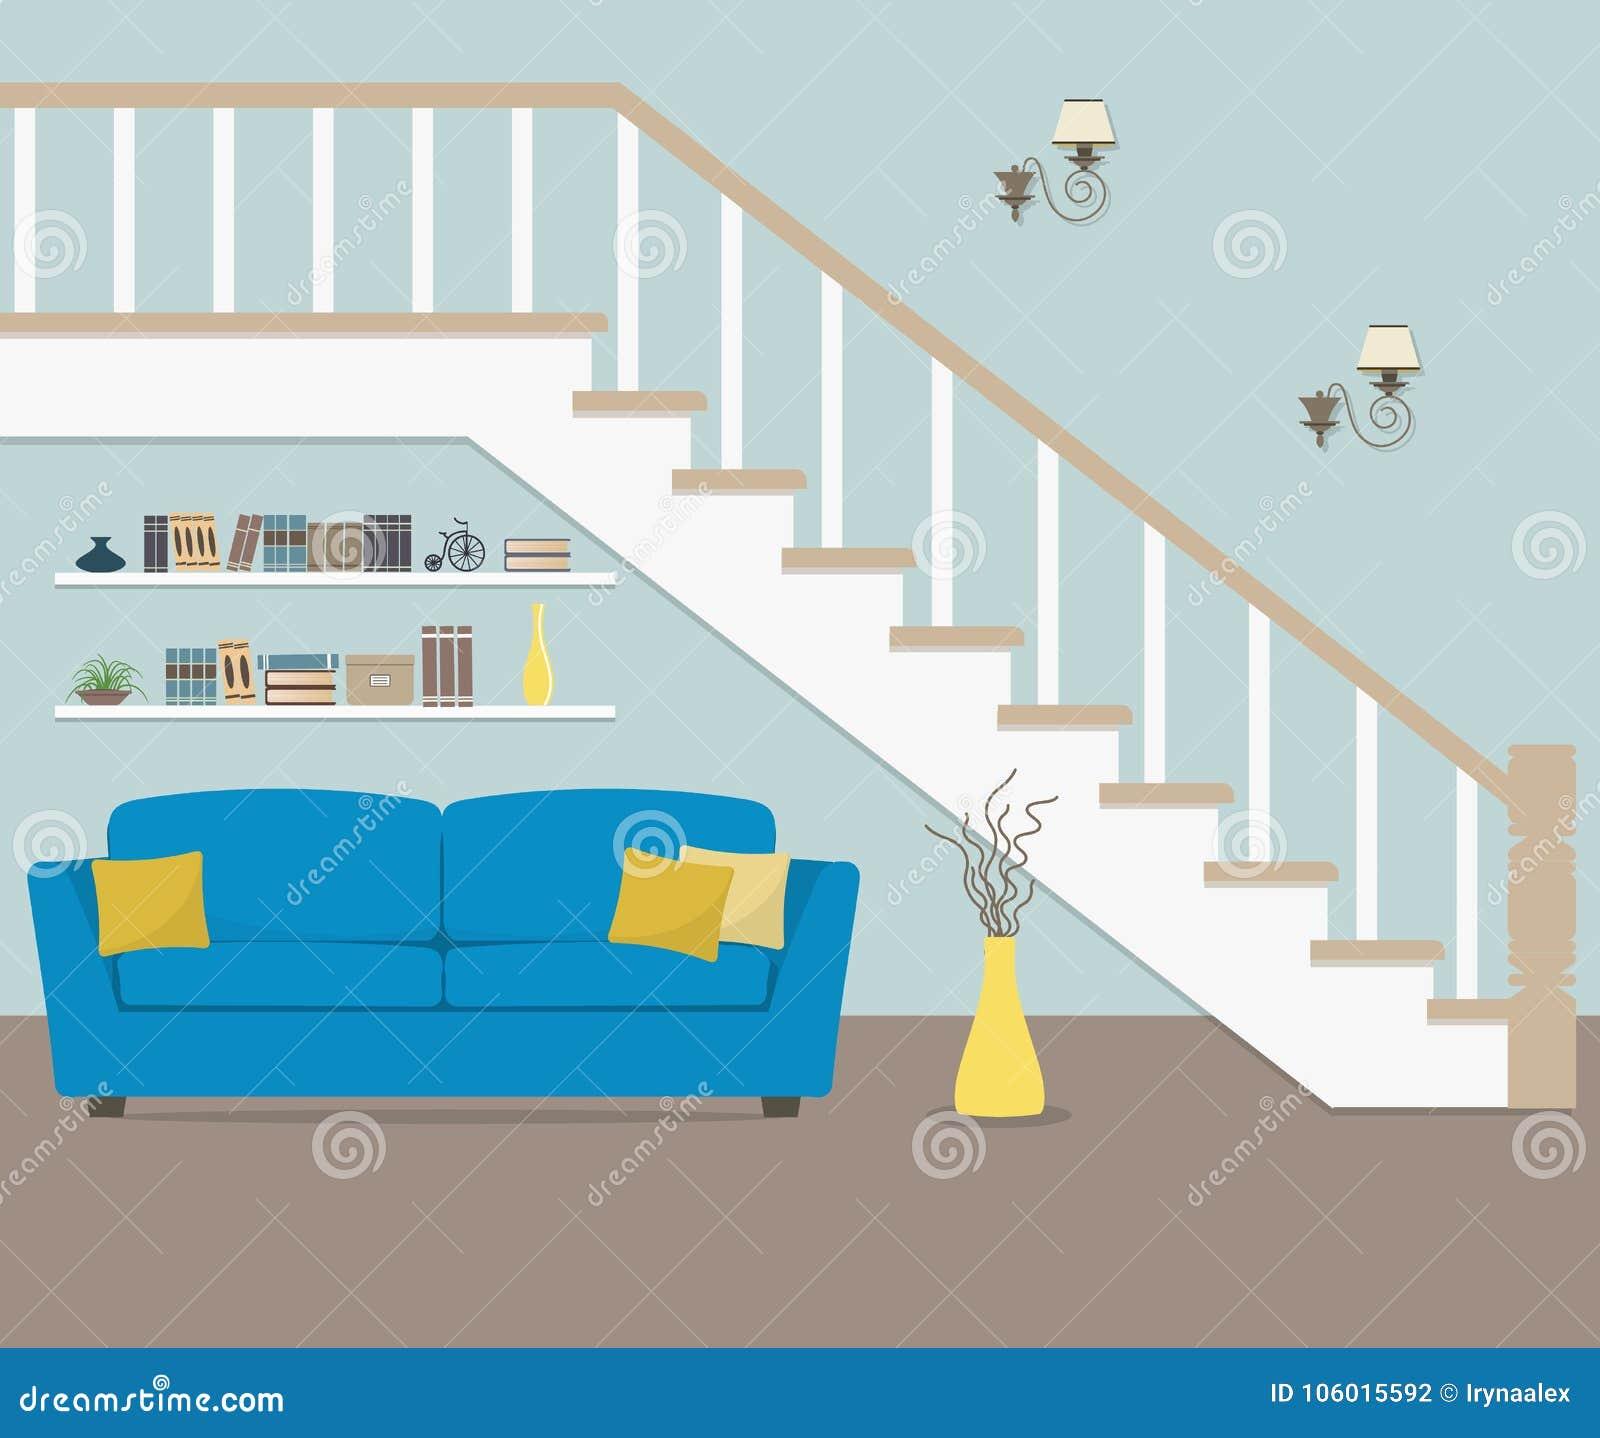 Wunderbar Download Blaues Sofa Mit Den Kissen, Gelegen Unter Der Treppe Vektor  Abbildung   Illustration Von